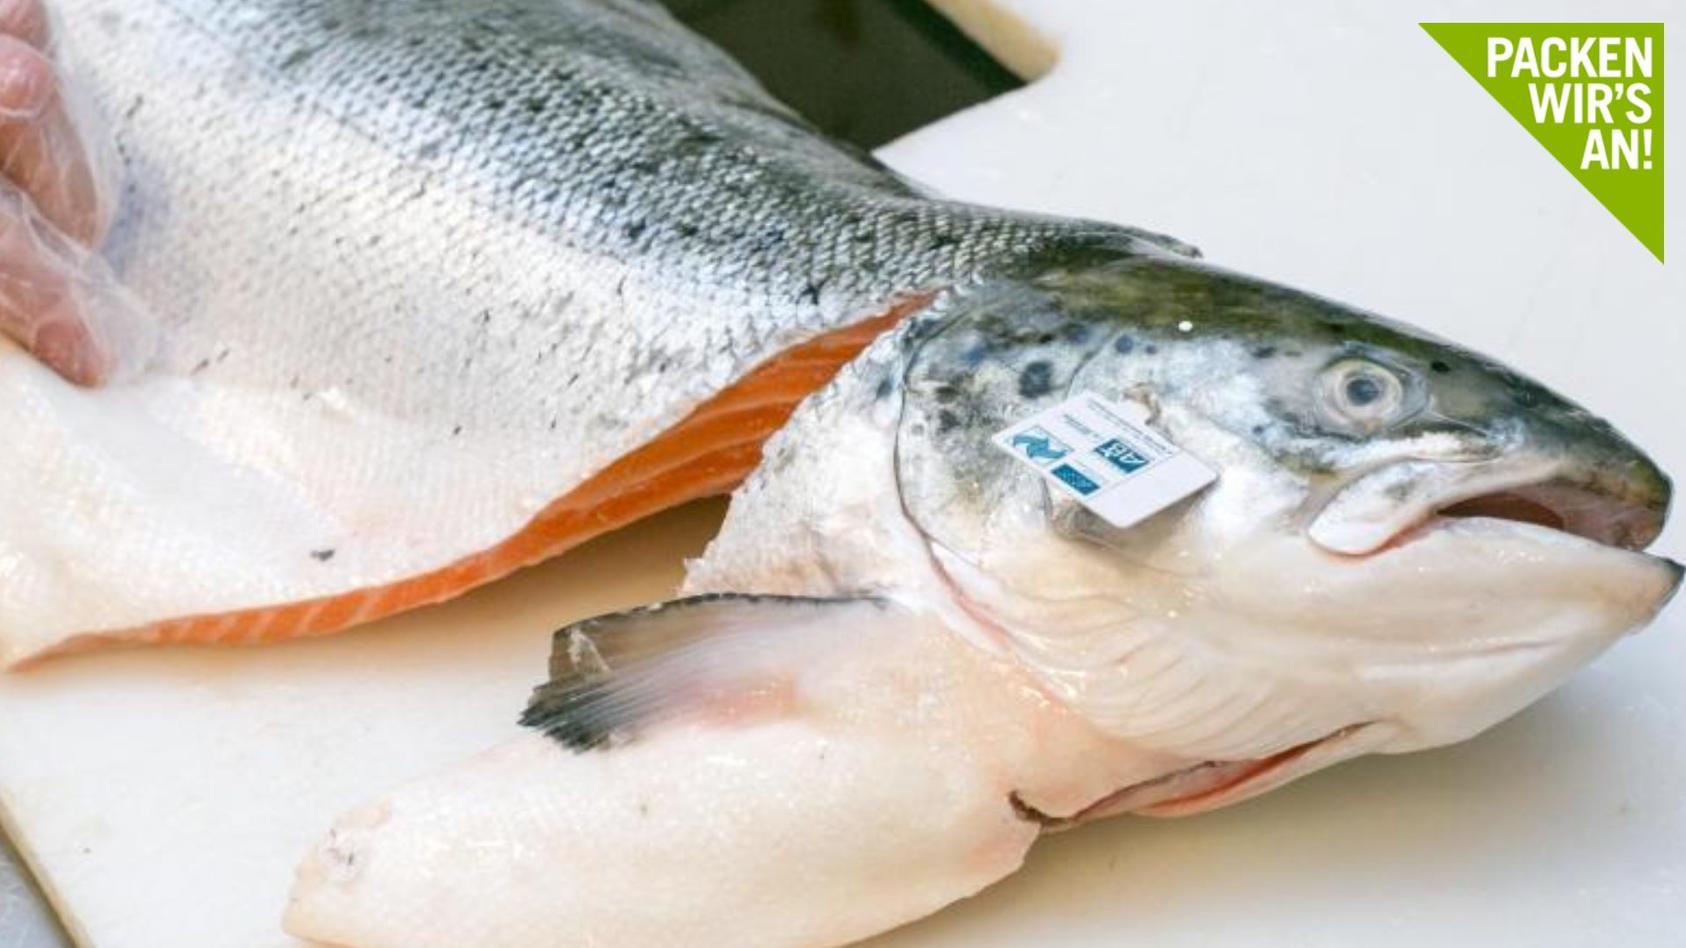 Lachs mit Bio-Siegel ist Experten zufolge eine gute Wahl: Hier können Verbraucher darauf vertrauen, dass bestimmte Standards beimFischfang eingehalten wurden. Foto: Karolin Krämer